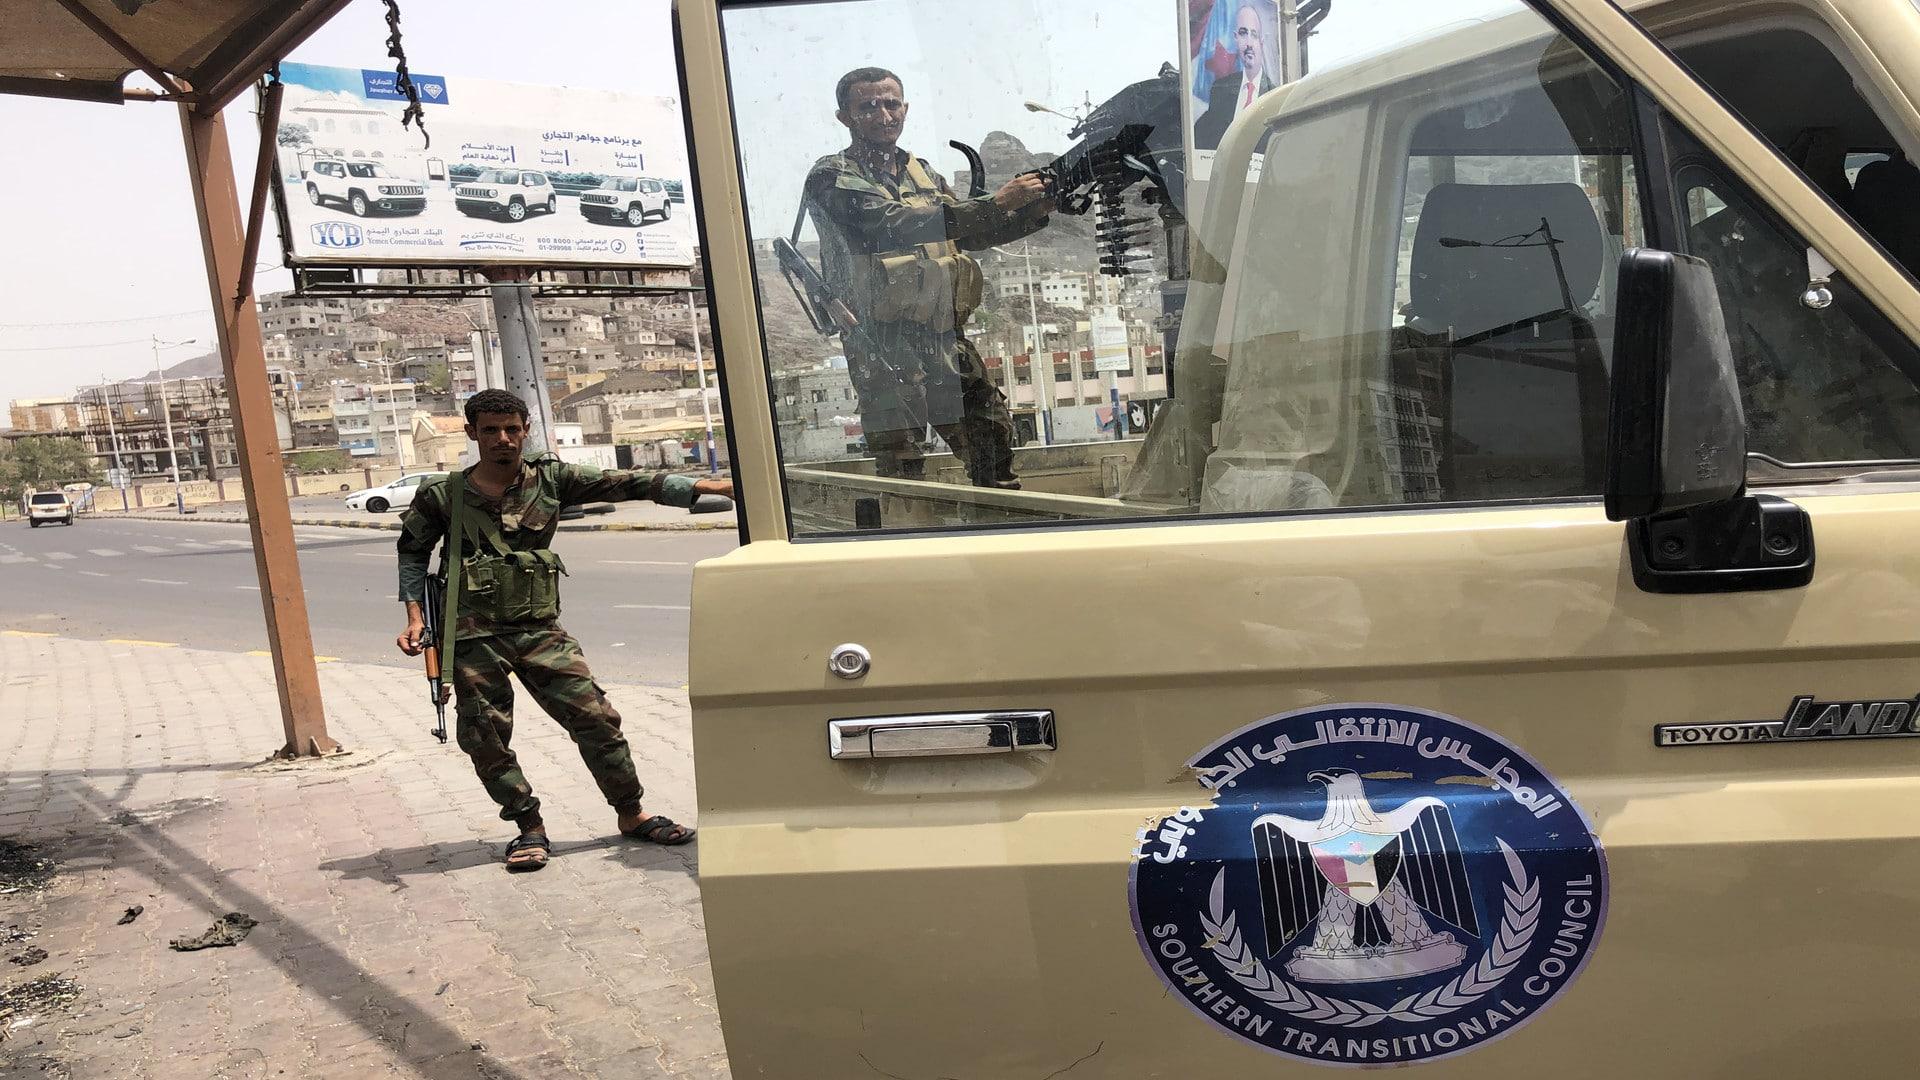 ميليشيا الإمارات تختطف الشيخ رشيد العمودي عضو مجلس النواب اليمني وتقتاده لجهة مجهولة